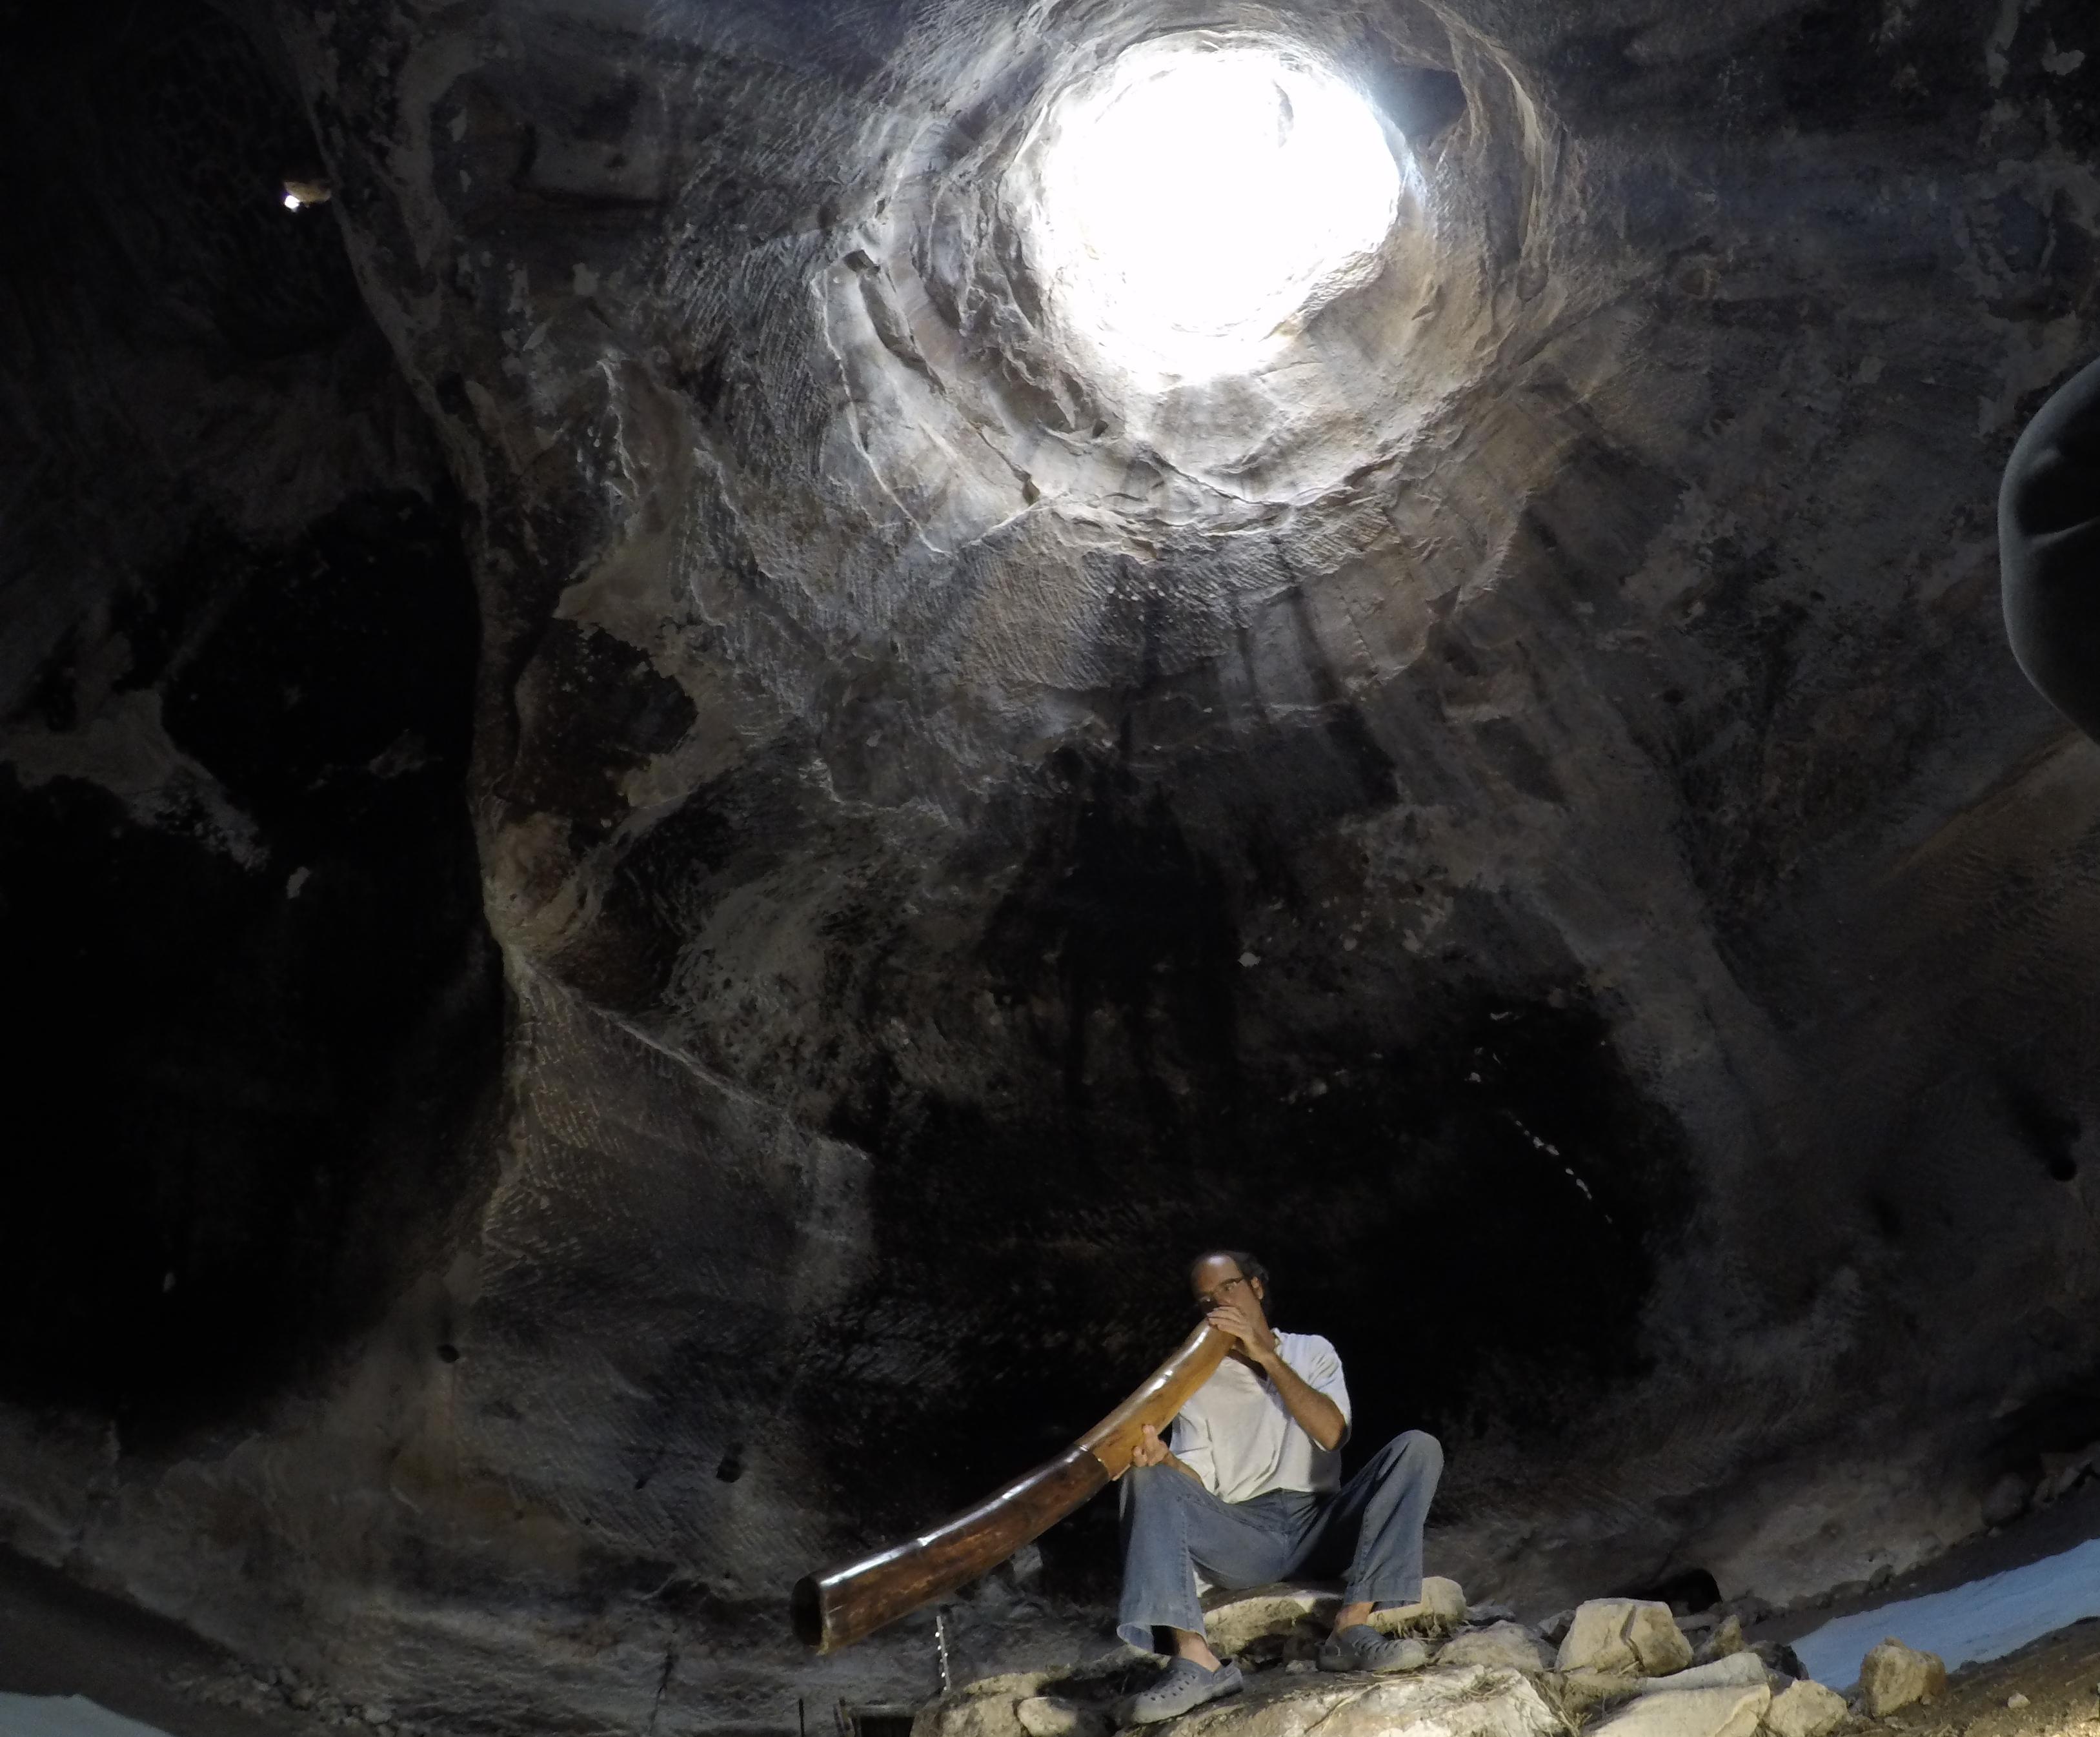 דיג'רידו אוסטרלי בסדנה בתוך המערה